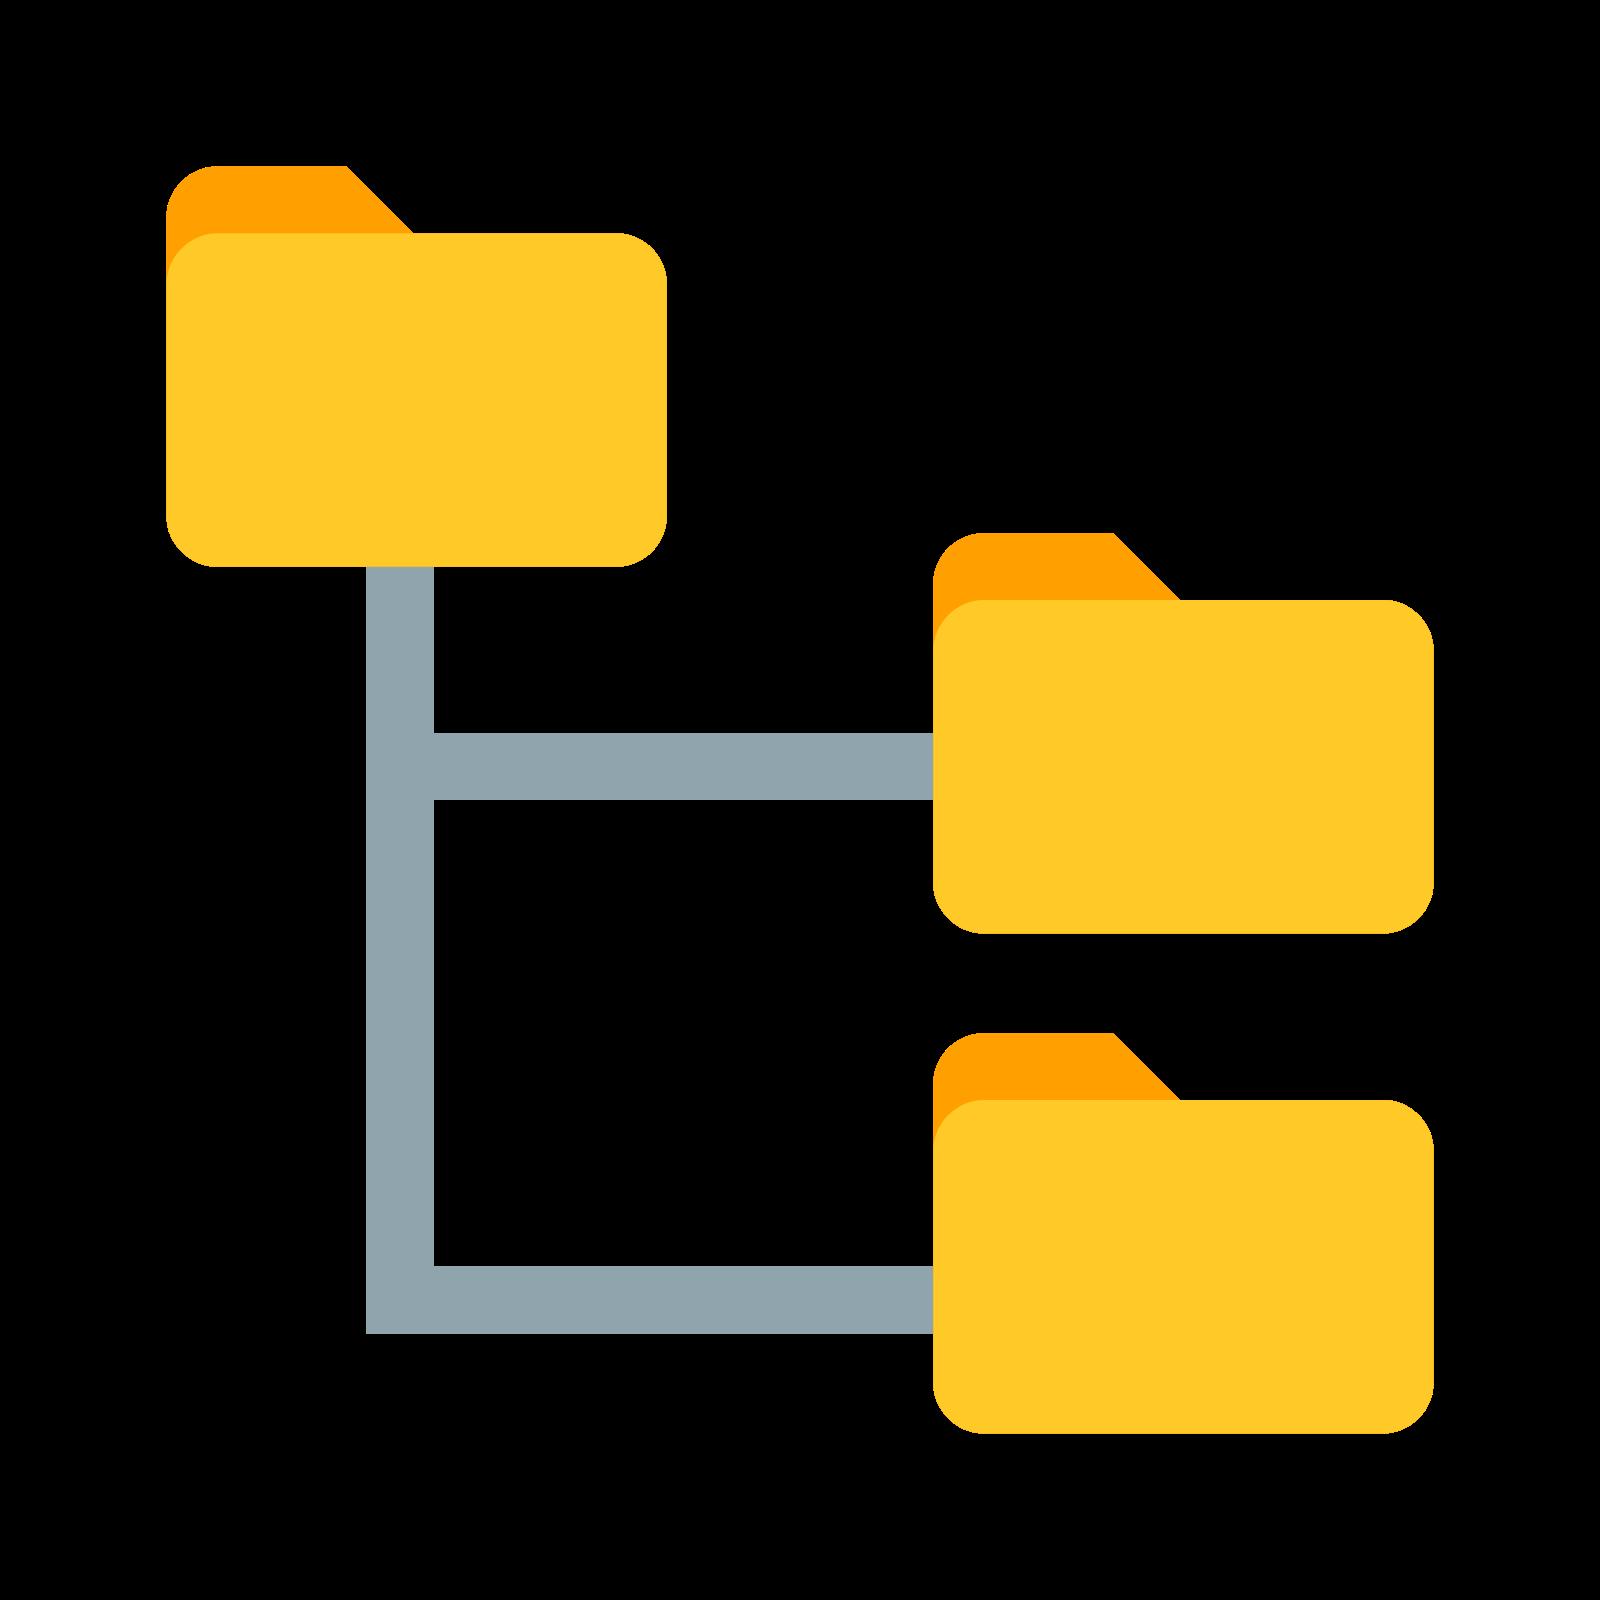 drzewo folderów icon